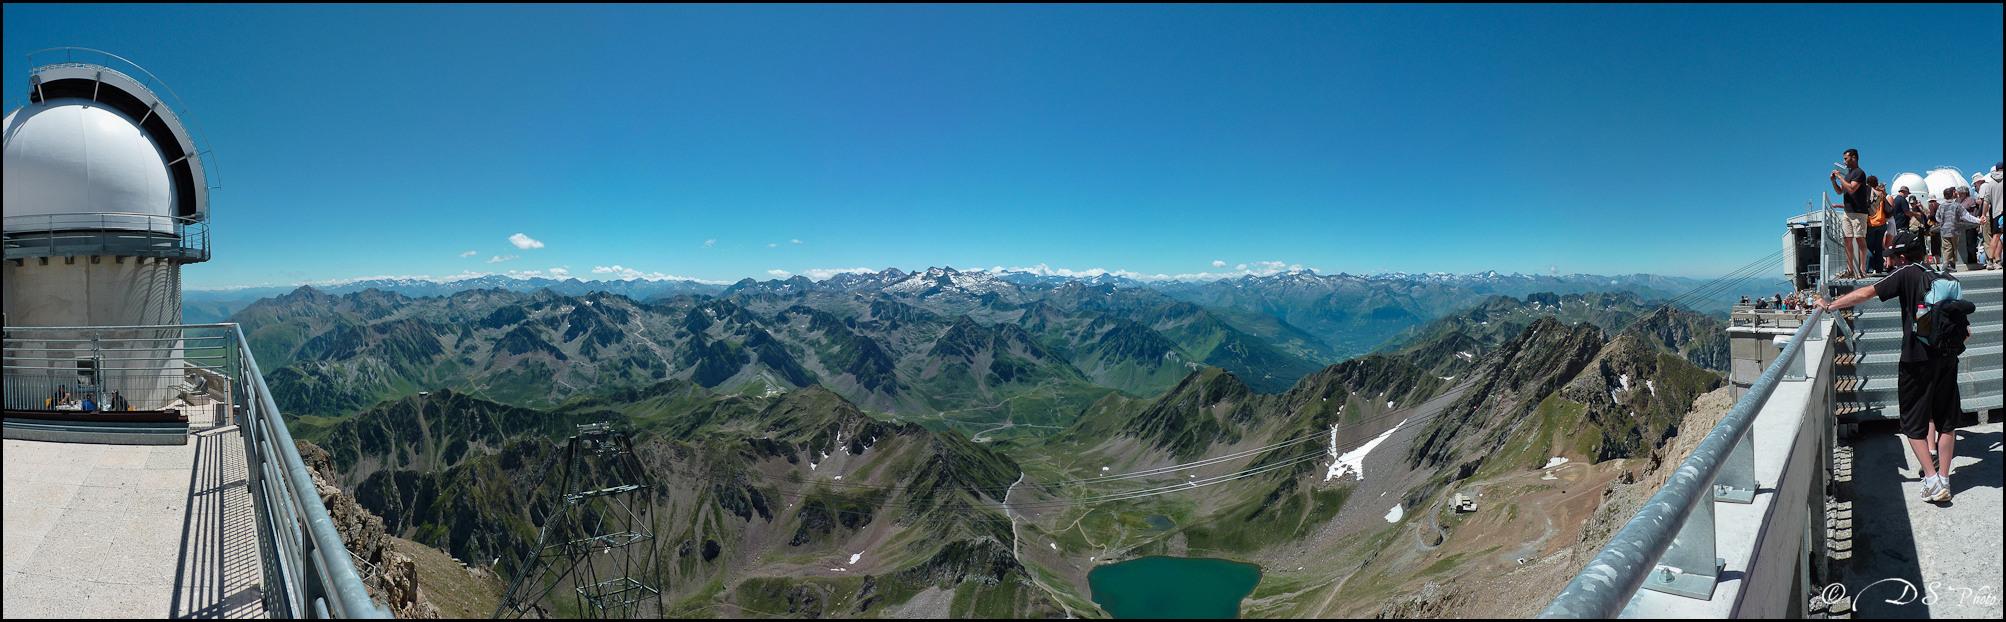 Balade au Pont d'Espagne et Lac de Gaube - Hautes-Pyrénées 1010100207061030086898036